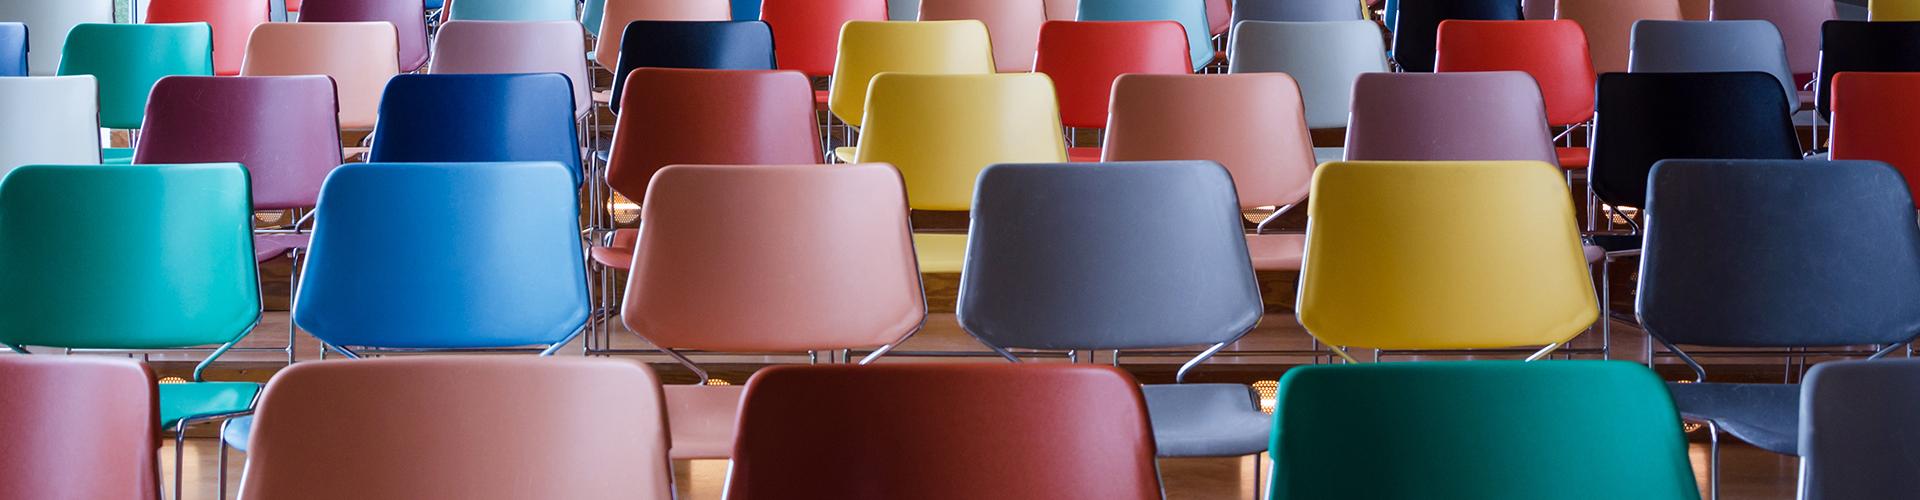 Reihen von bunten Stühlen © Siraanamwong, AdobeStock